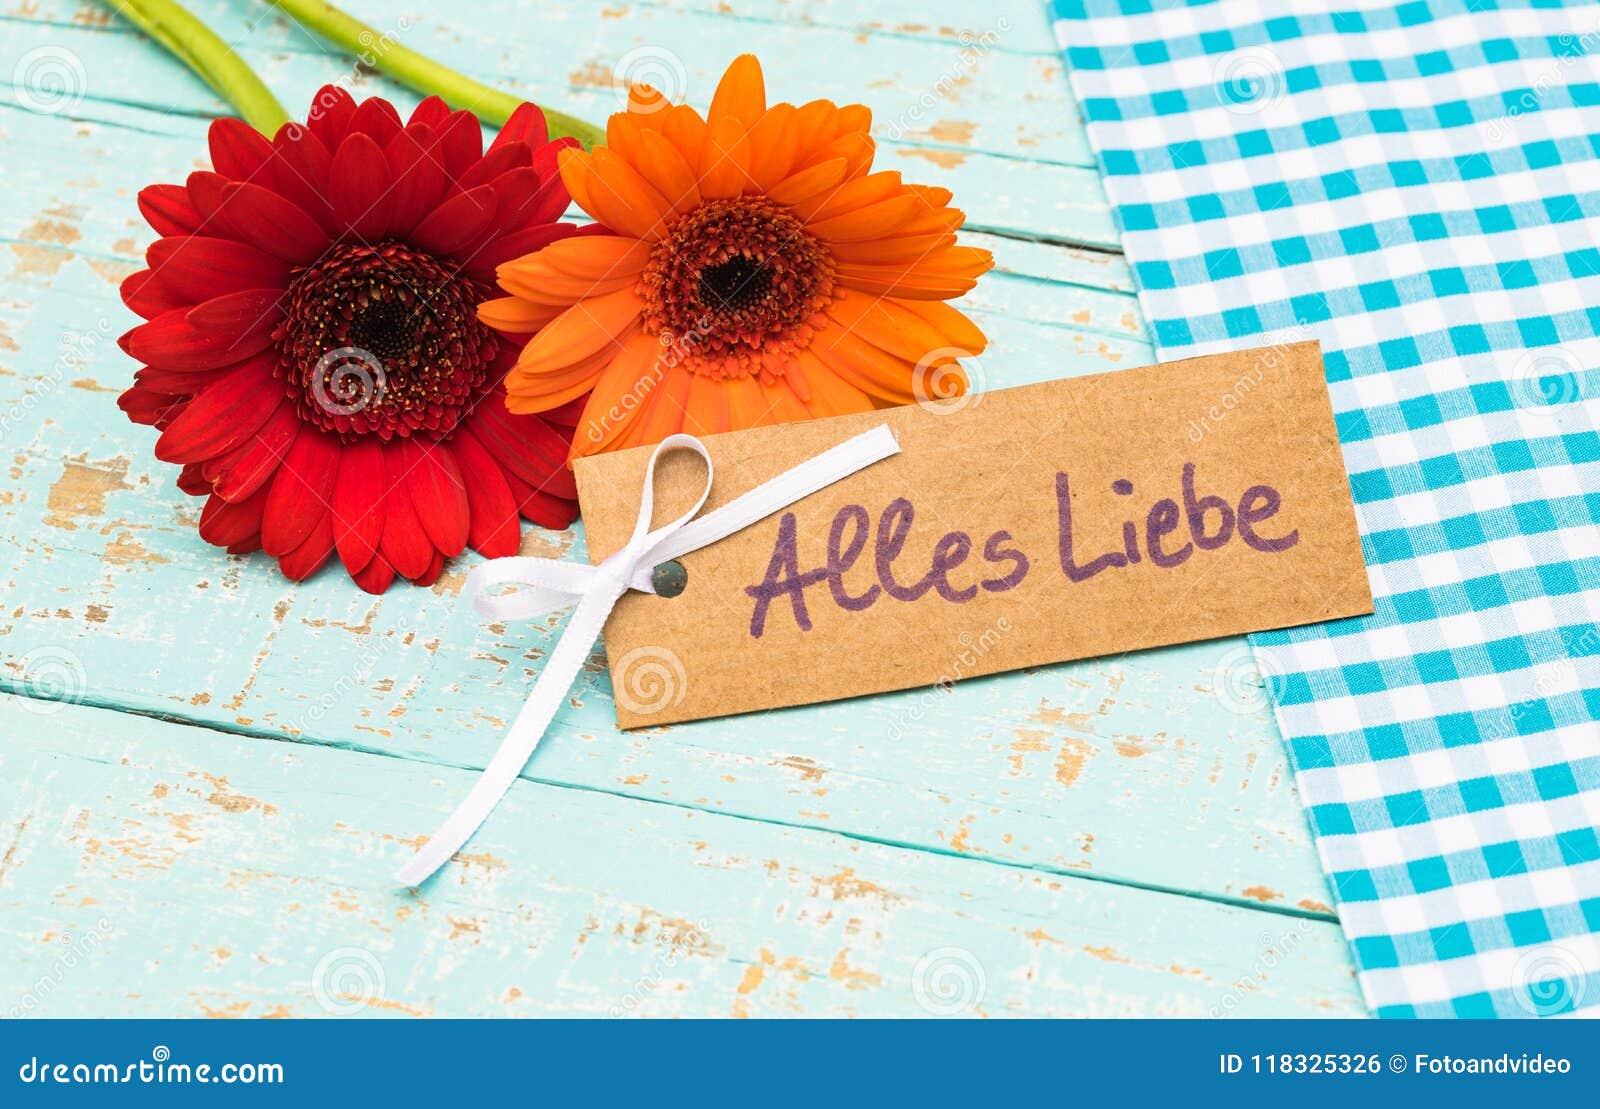 Bloemen en kaart met Duitse teksten, Alles Liebe, middelenliefde voor Vaders of Moedersdag